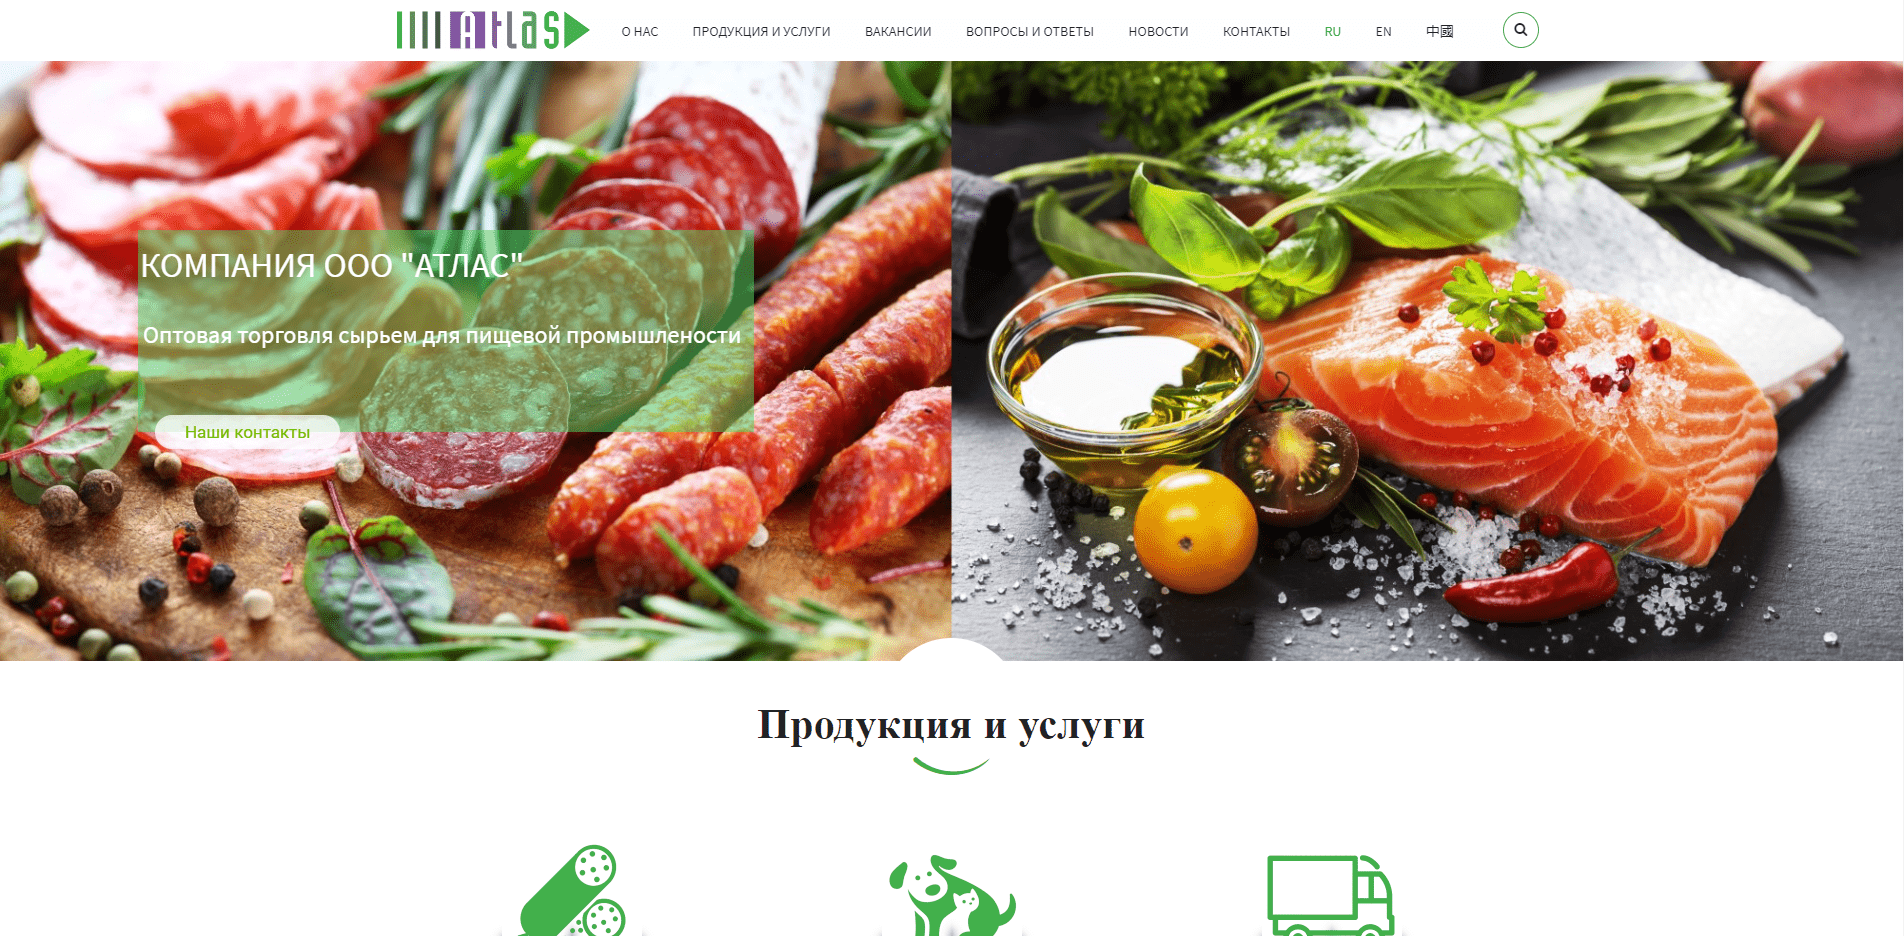 ООО Атлас